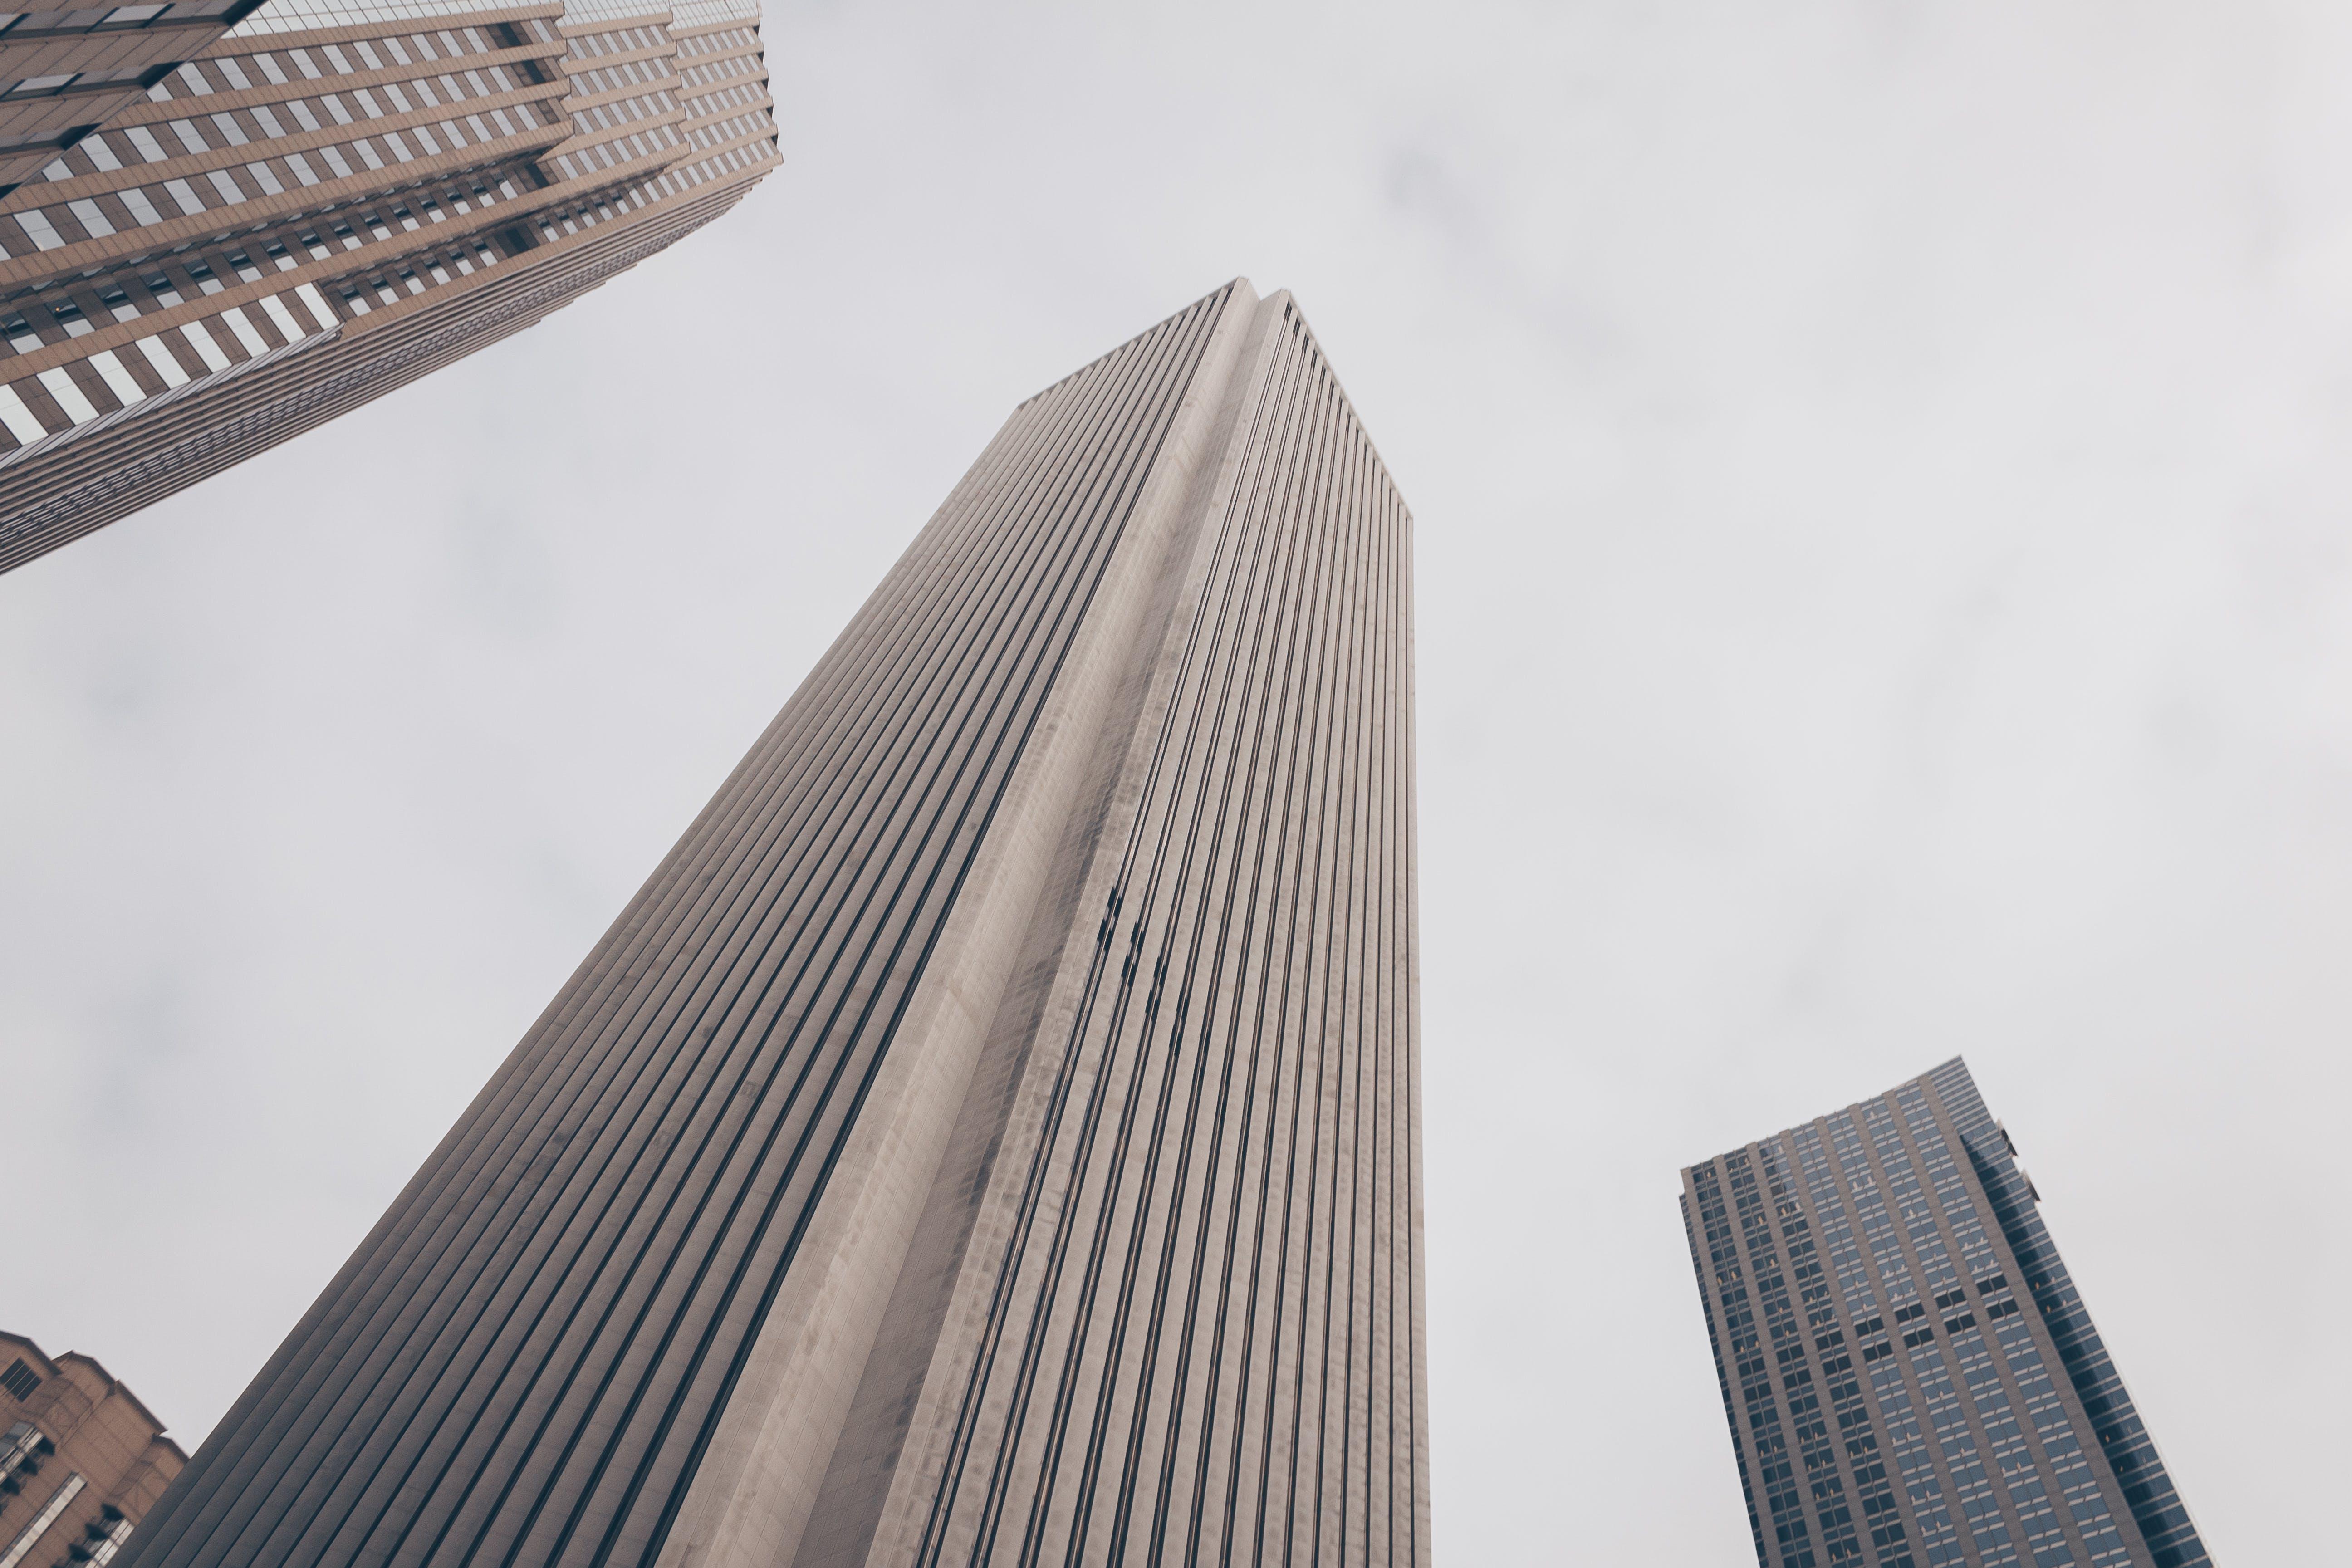 Immagine gratuita di alto, architettura, centro città, cielo